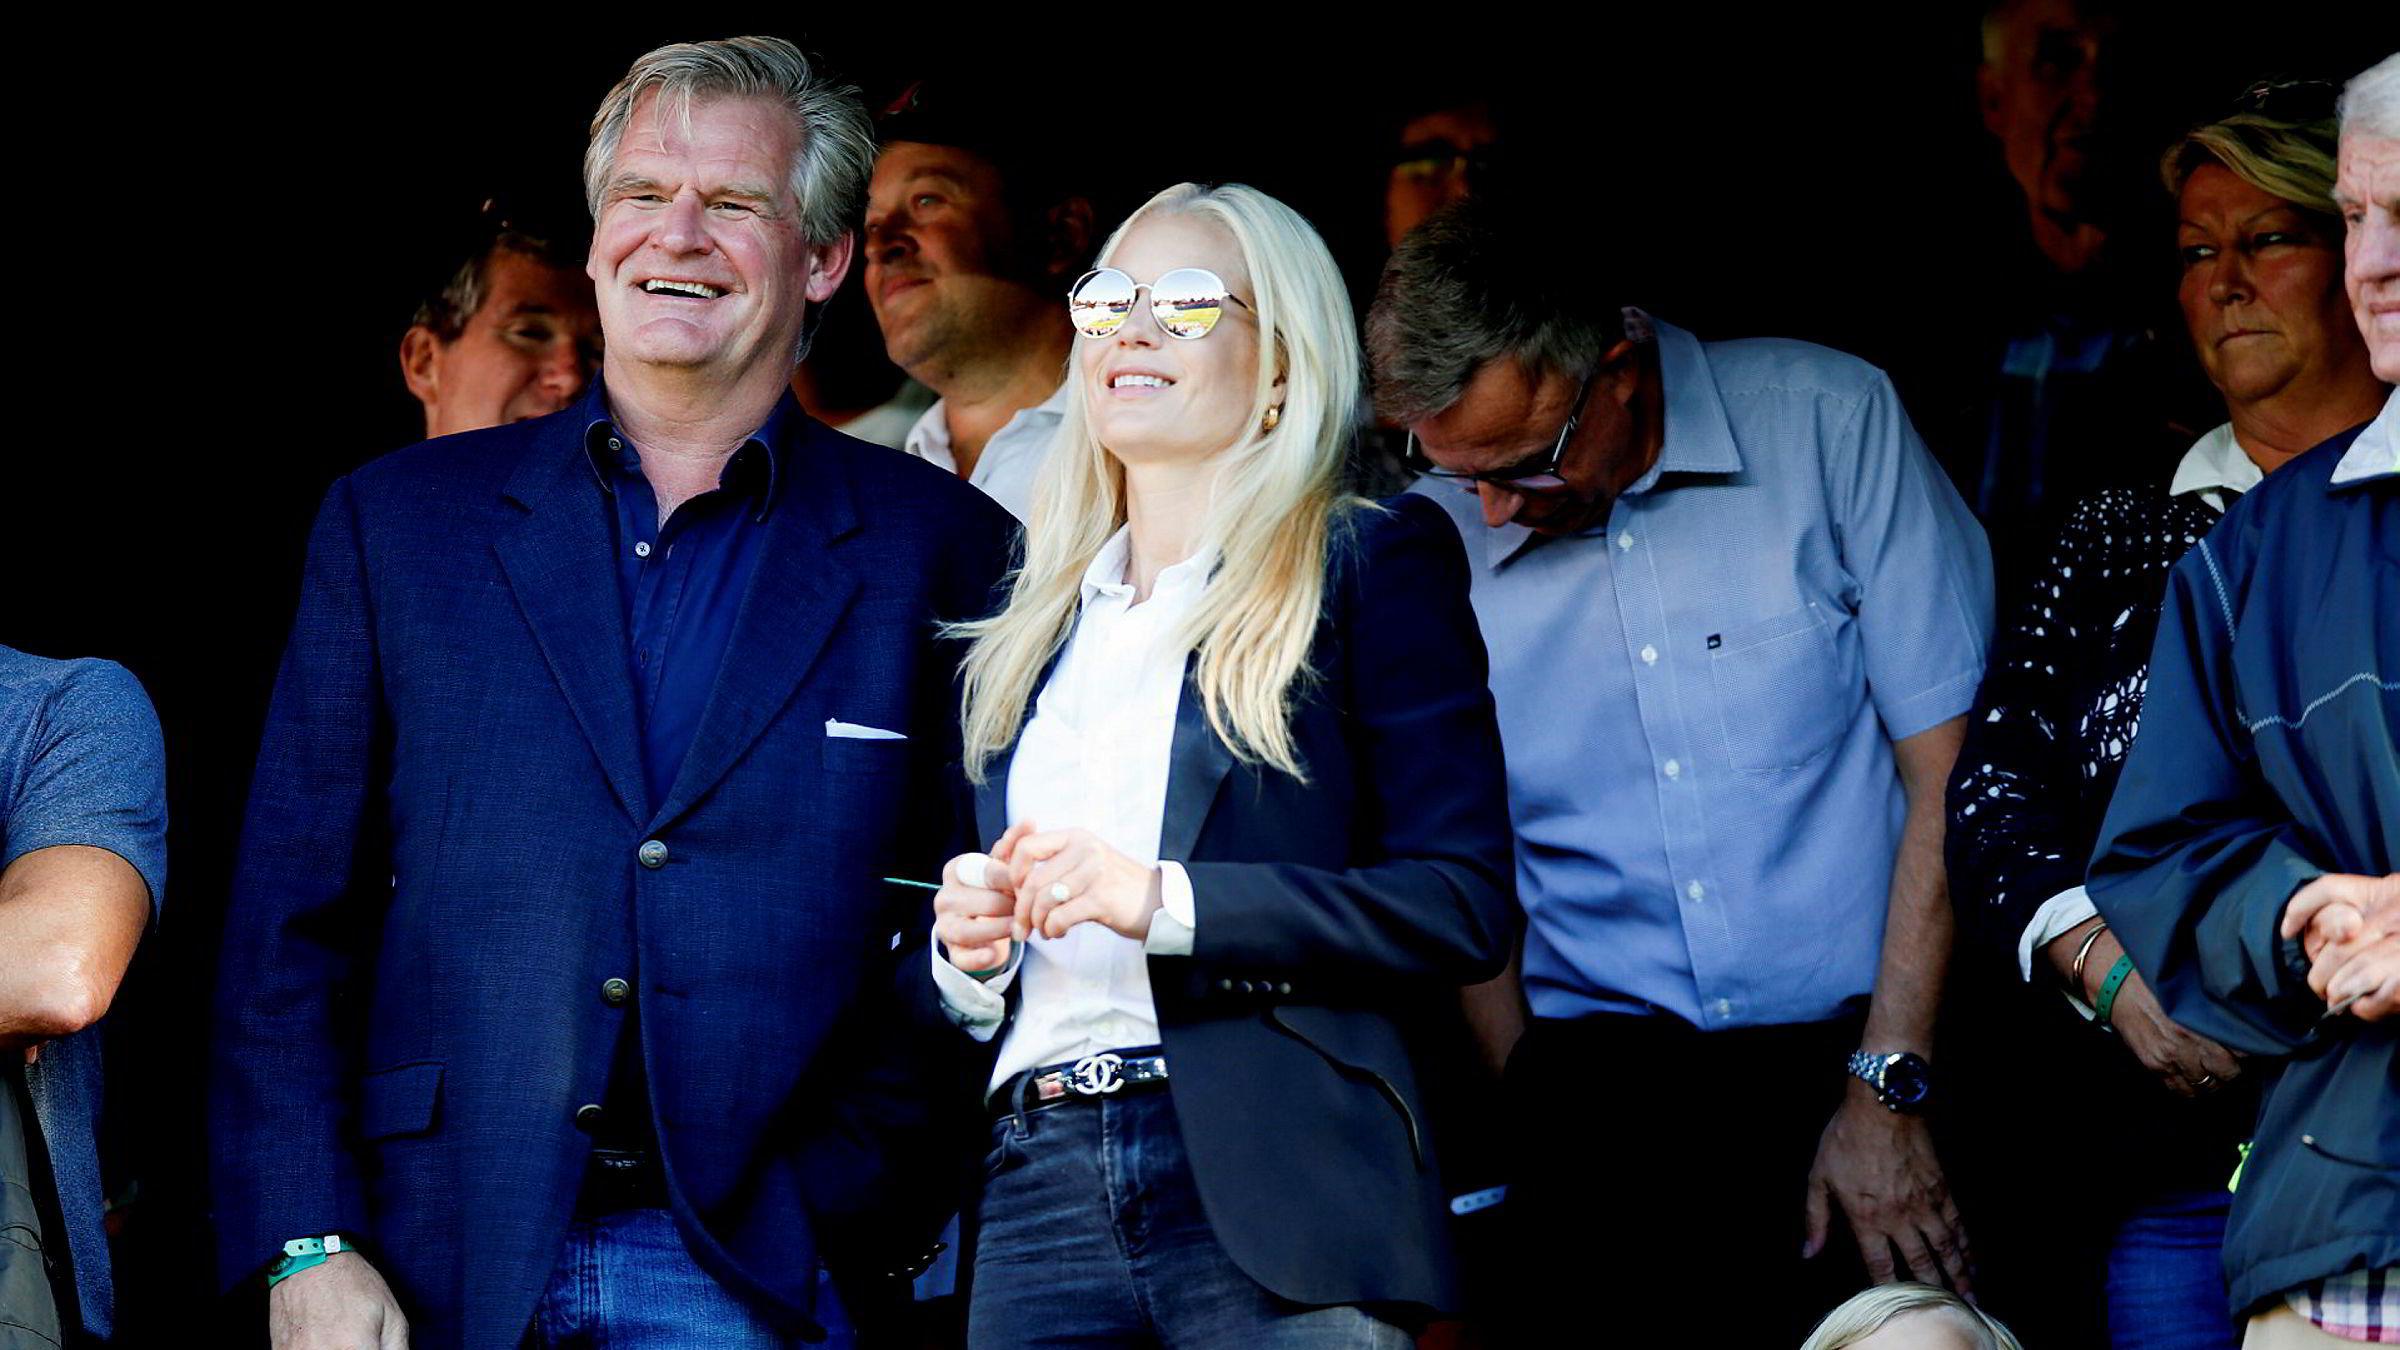 Storebrands kursoppgang bidratt til enda større formue for Tor Olav Trøim og Celina Midelfart. Her er de to på fotballkamp mellom Vålerenga og Brann i fjor.